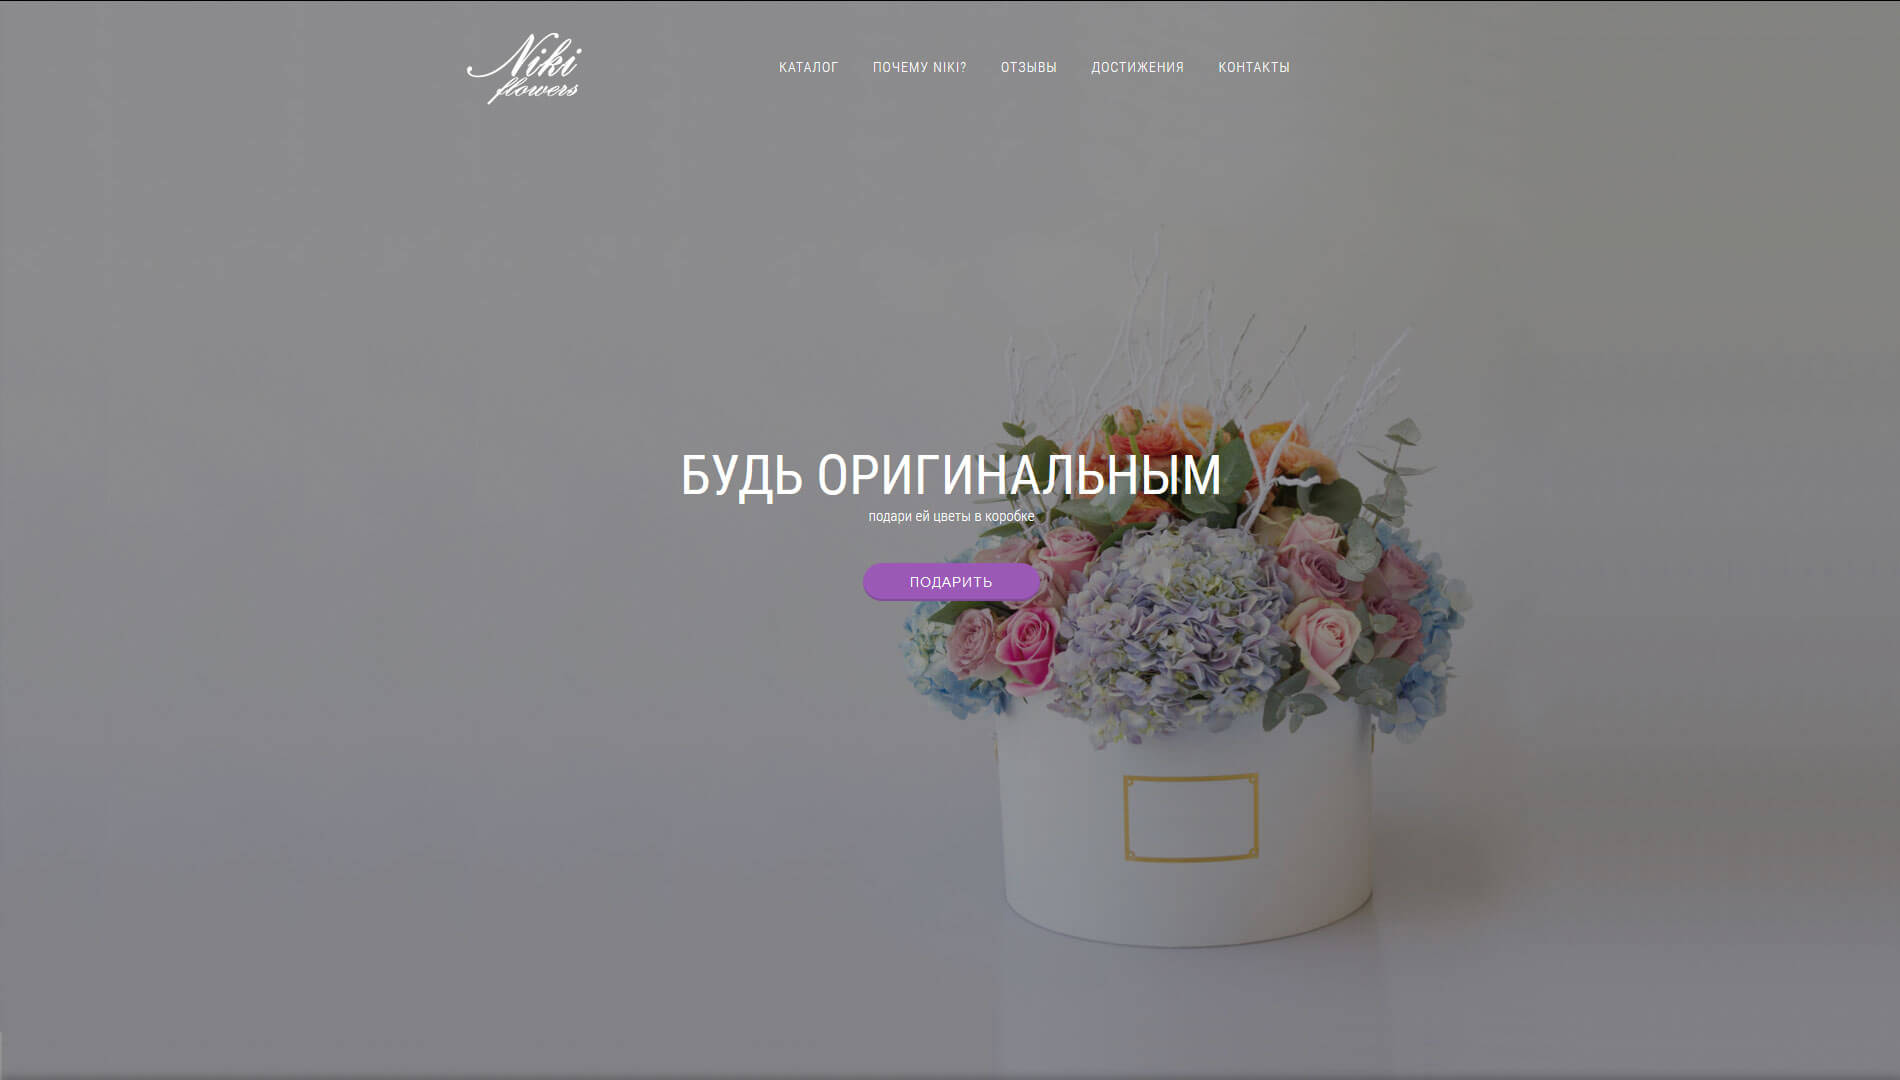 Nikiflowers - цветы в коробках (Харьков)